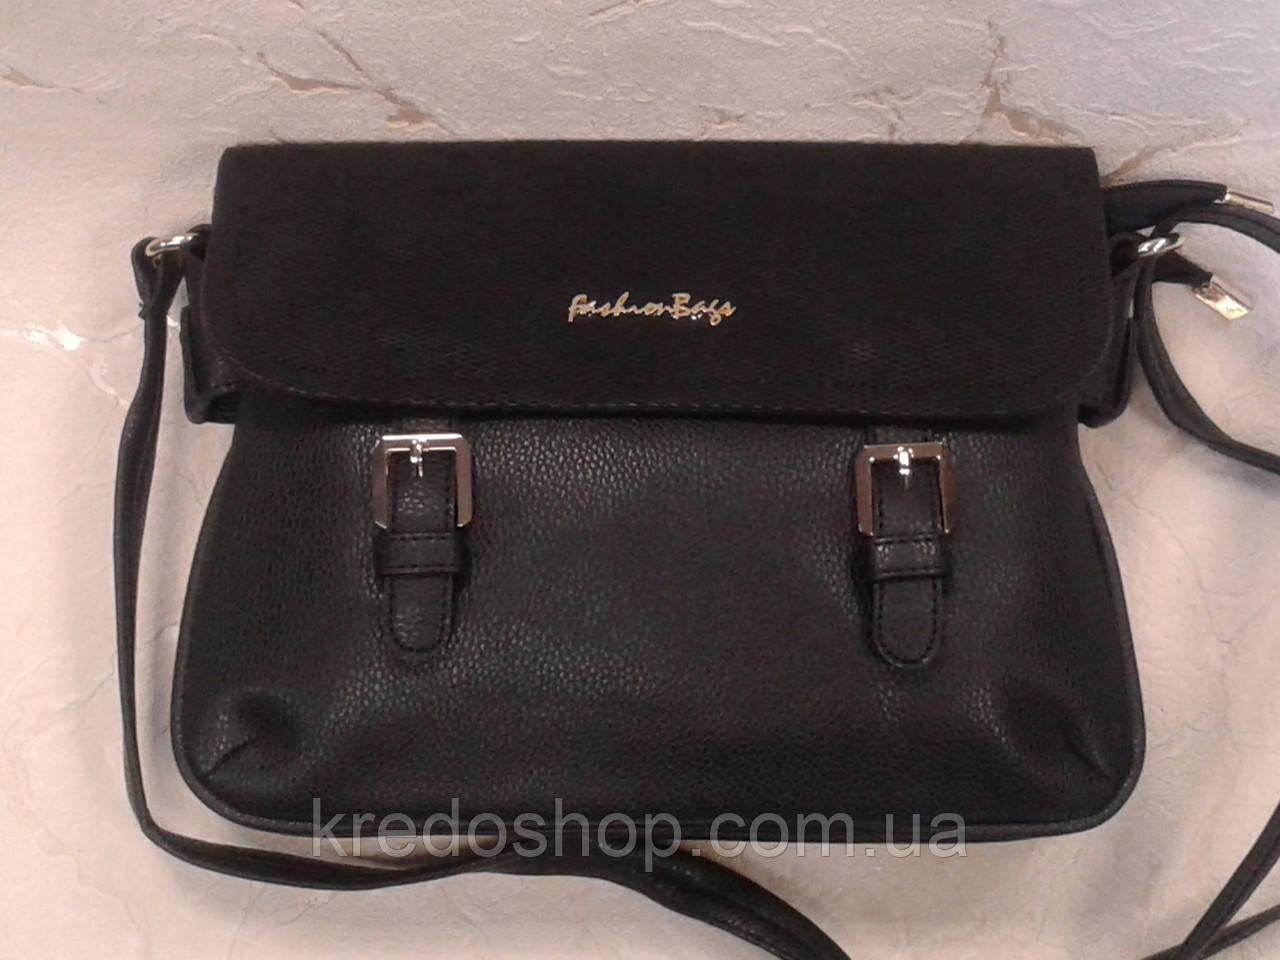 9400e45e5f30 Женская сумка клатч черная стильная(Турция) - Интернет-магазин сумок и  аксессуаров